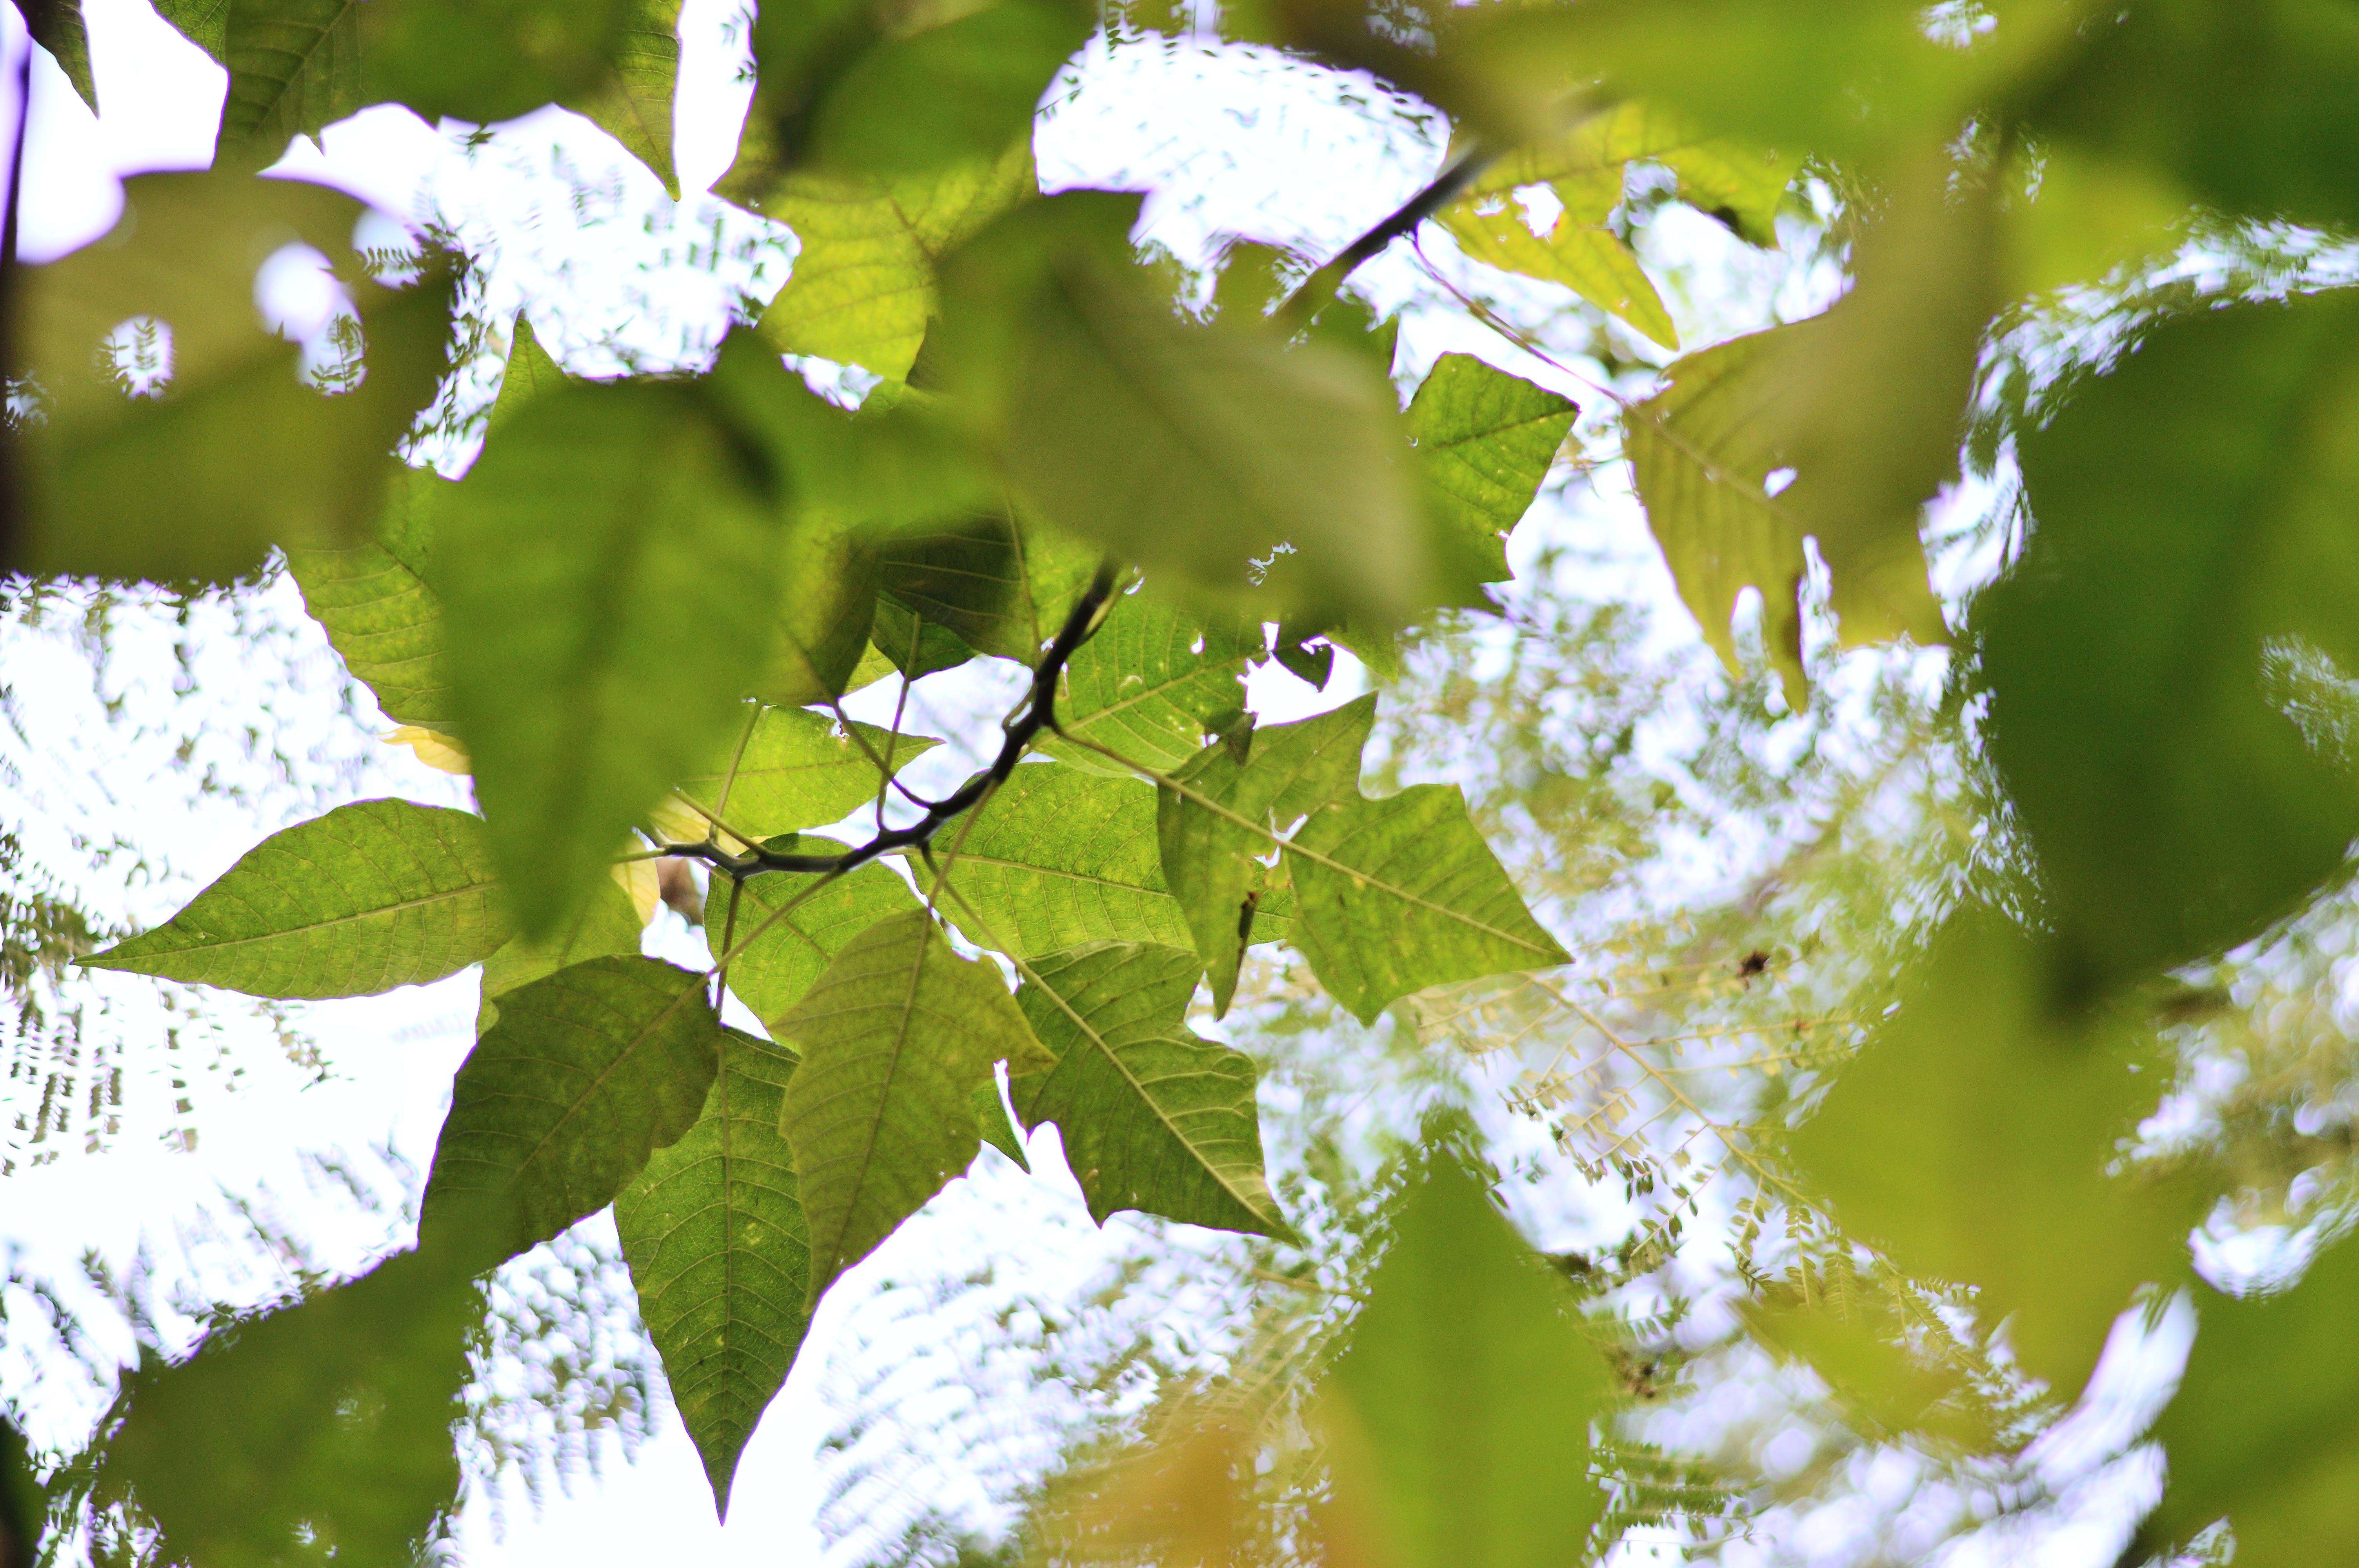 ağaçlar, bulanıklık, çevre, dallar içeren Ücretsiz stok fotoğraf